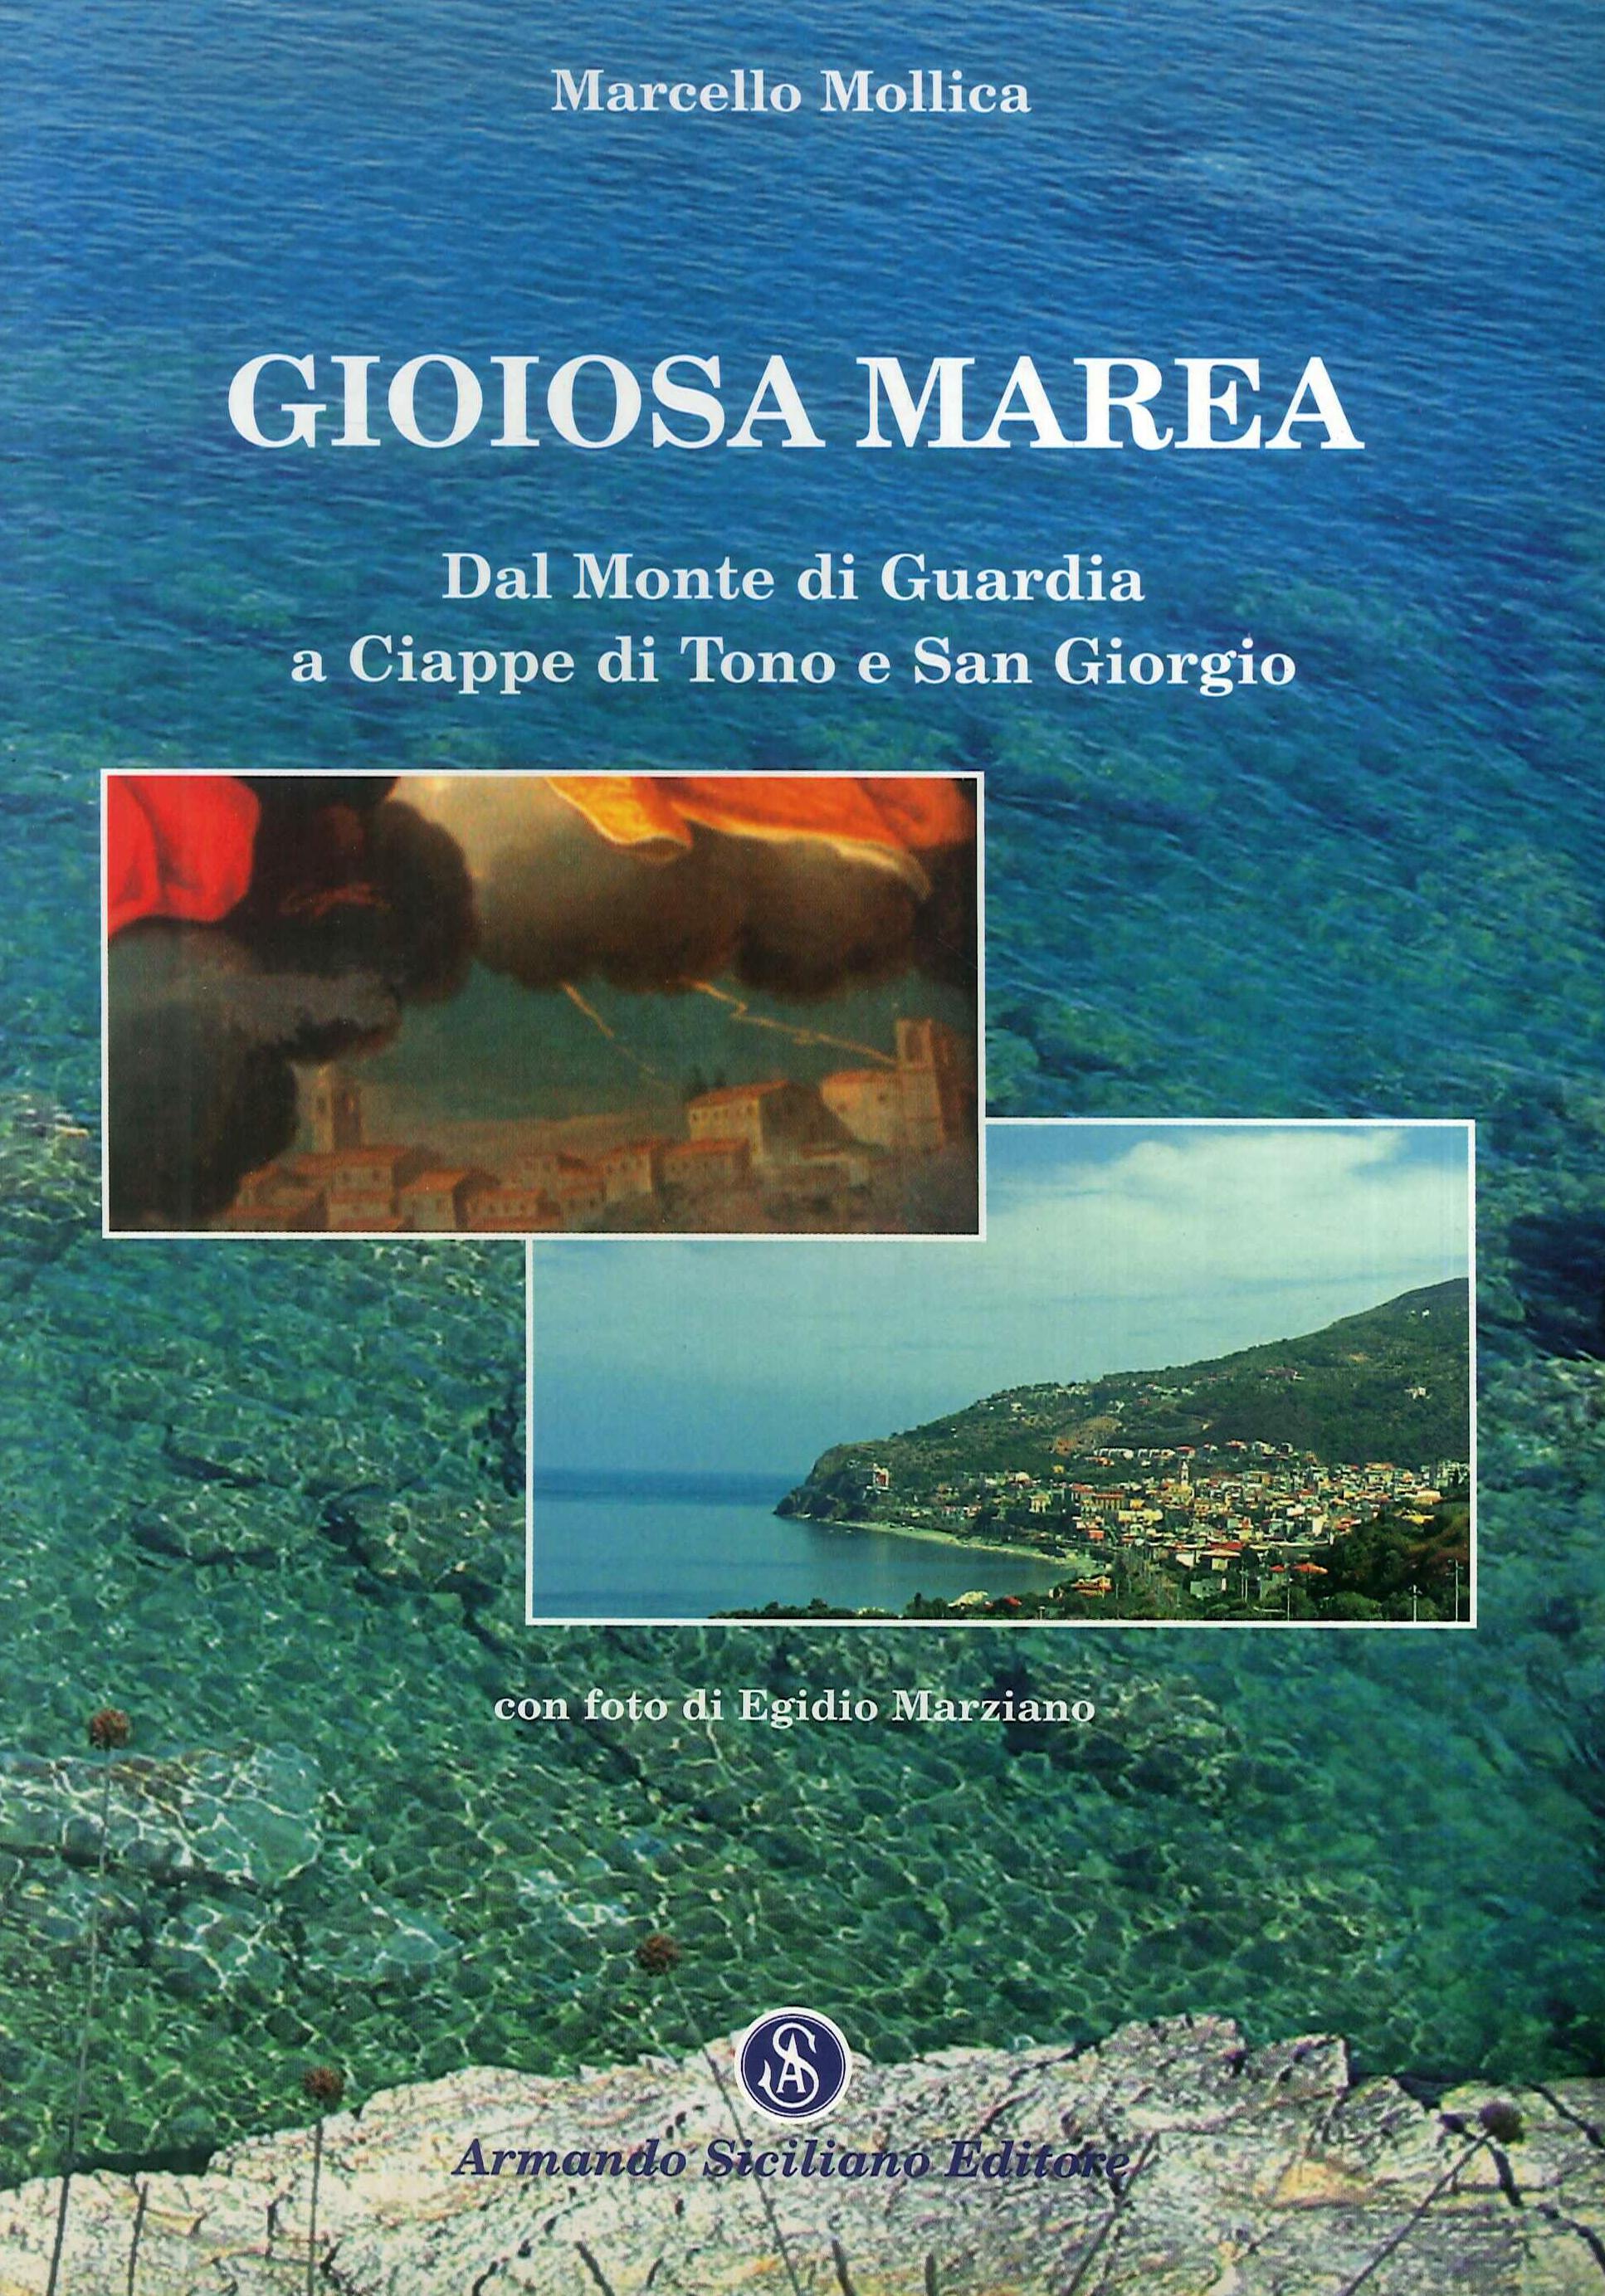 Gioiosa Marea. Dal Monte di Guardia a Ciappe di Tono  e San Giorgio